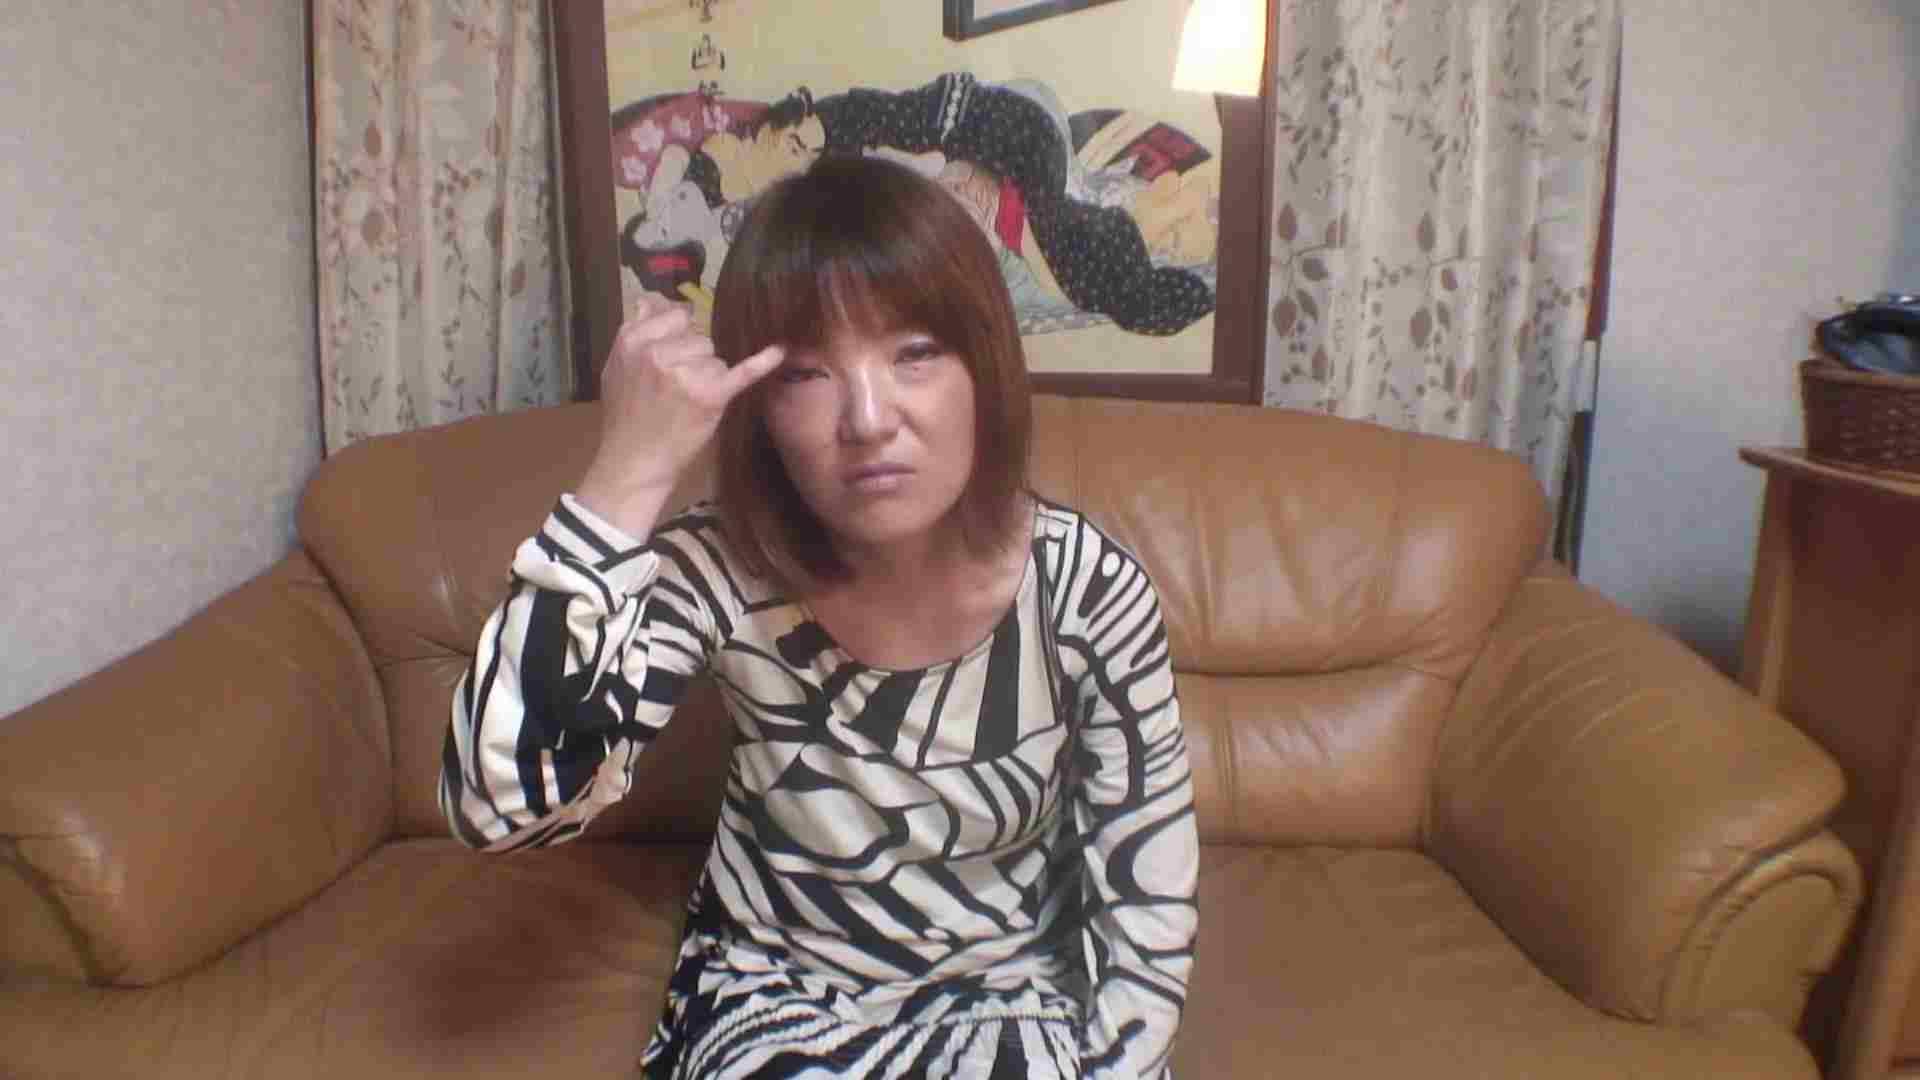 脱肛に悶絶する女序章 エッチなお姉さん スケベ動画紹介 56画像 23